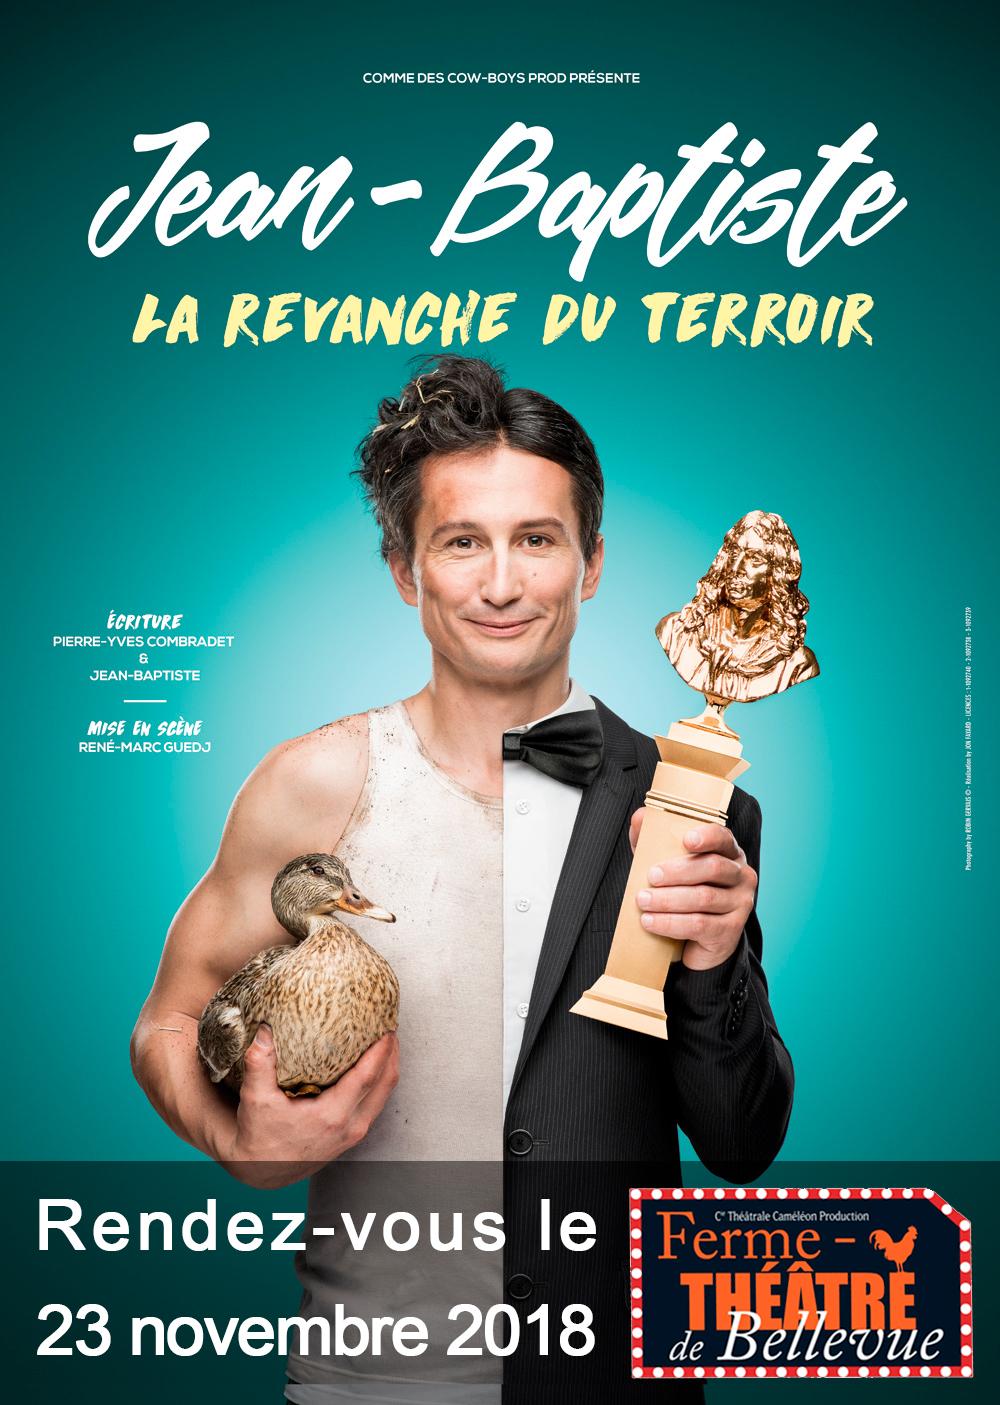 Jean-Baptiste, le 23 Novembre - Ferme-Théâtre de Bellevue